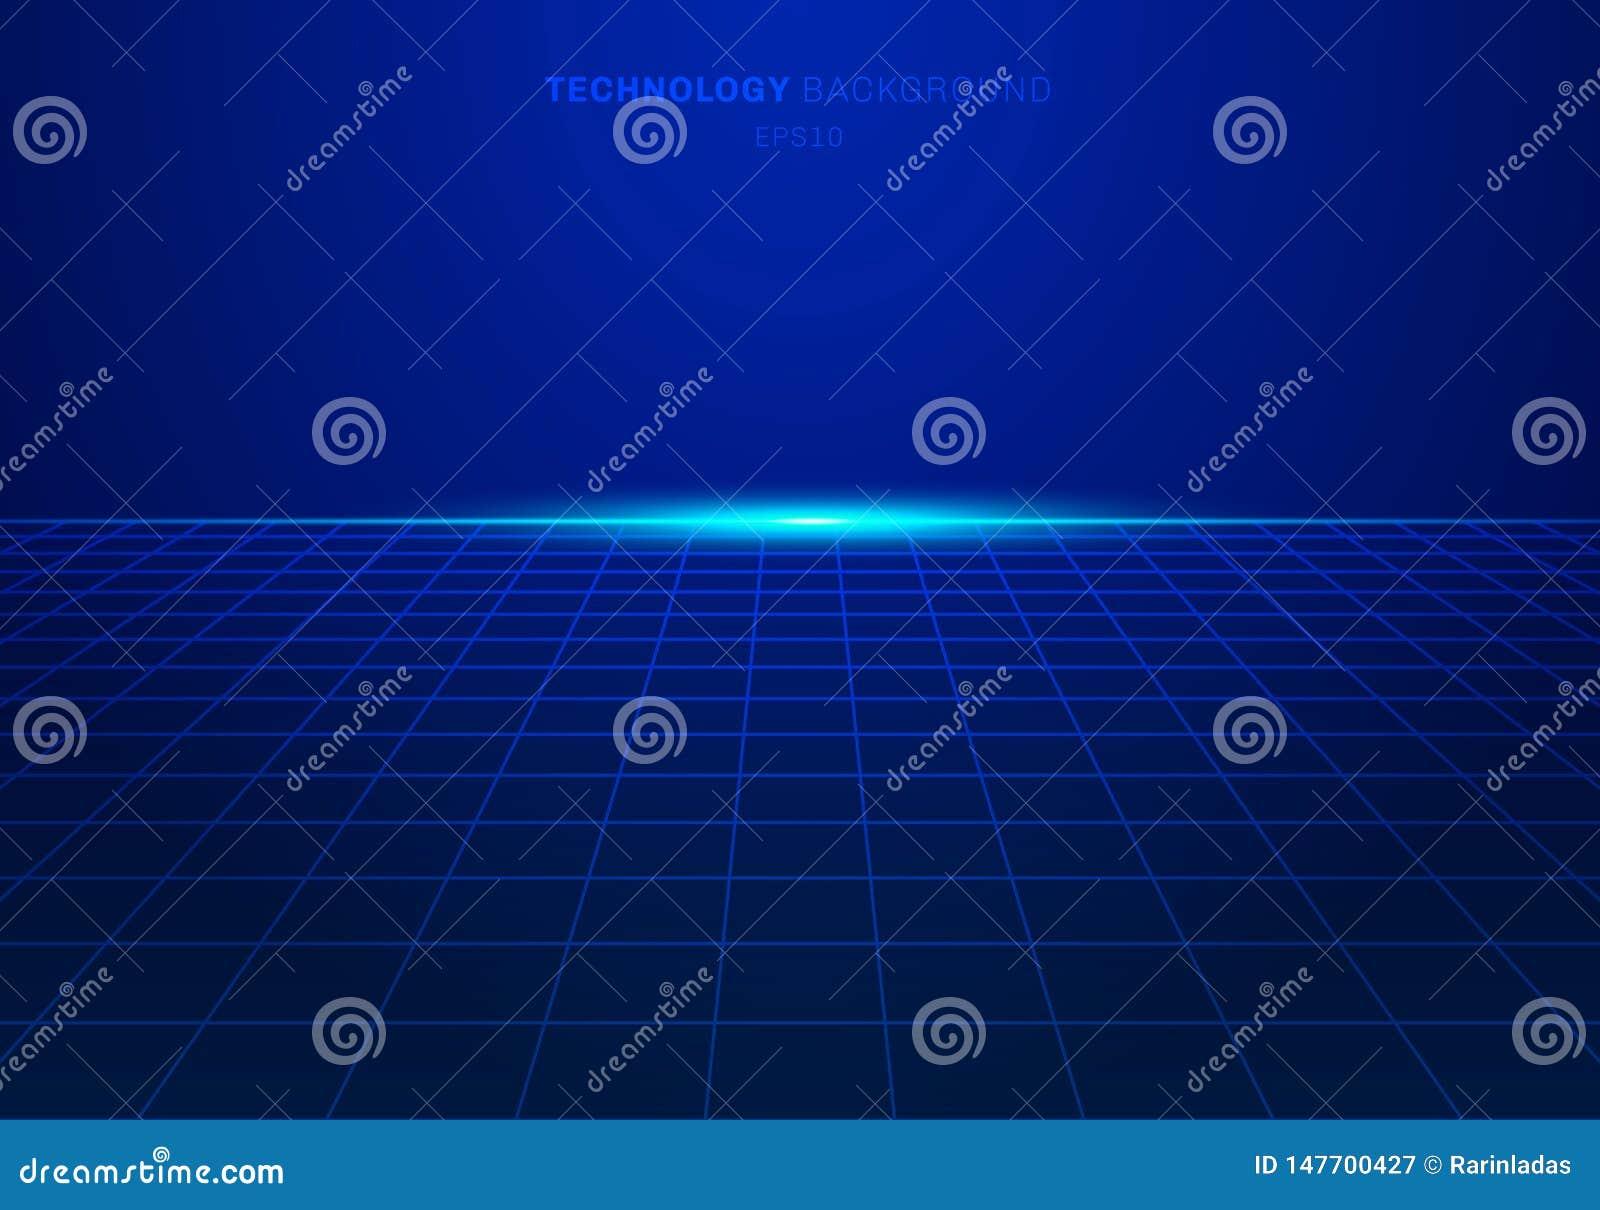 O teste padrão de grade azul do quadrado da tecnologia digital do sumário no fundo com luz explode